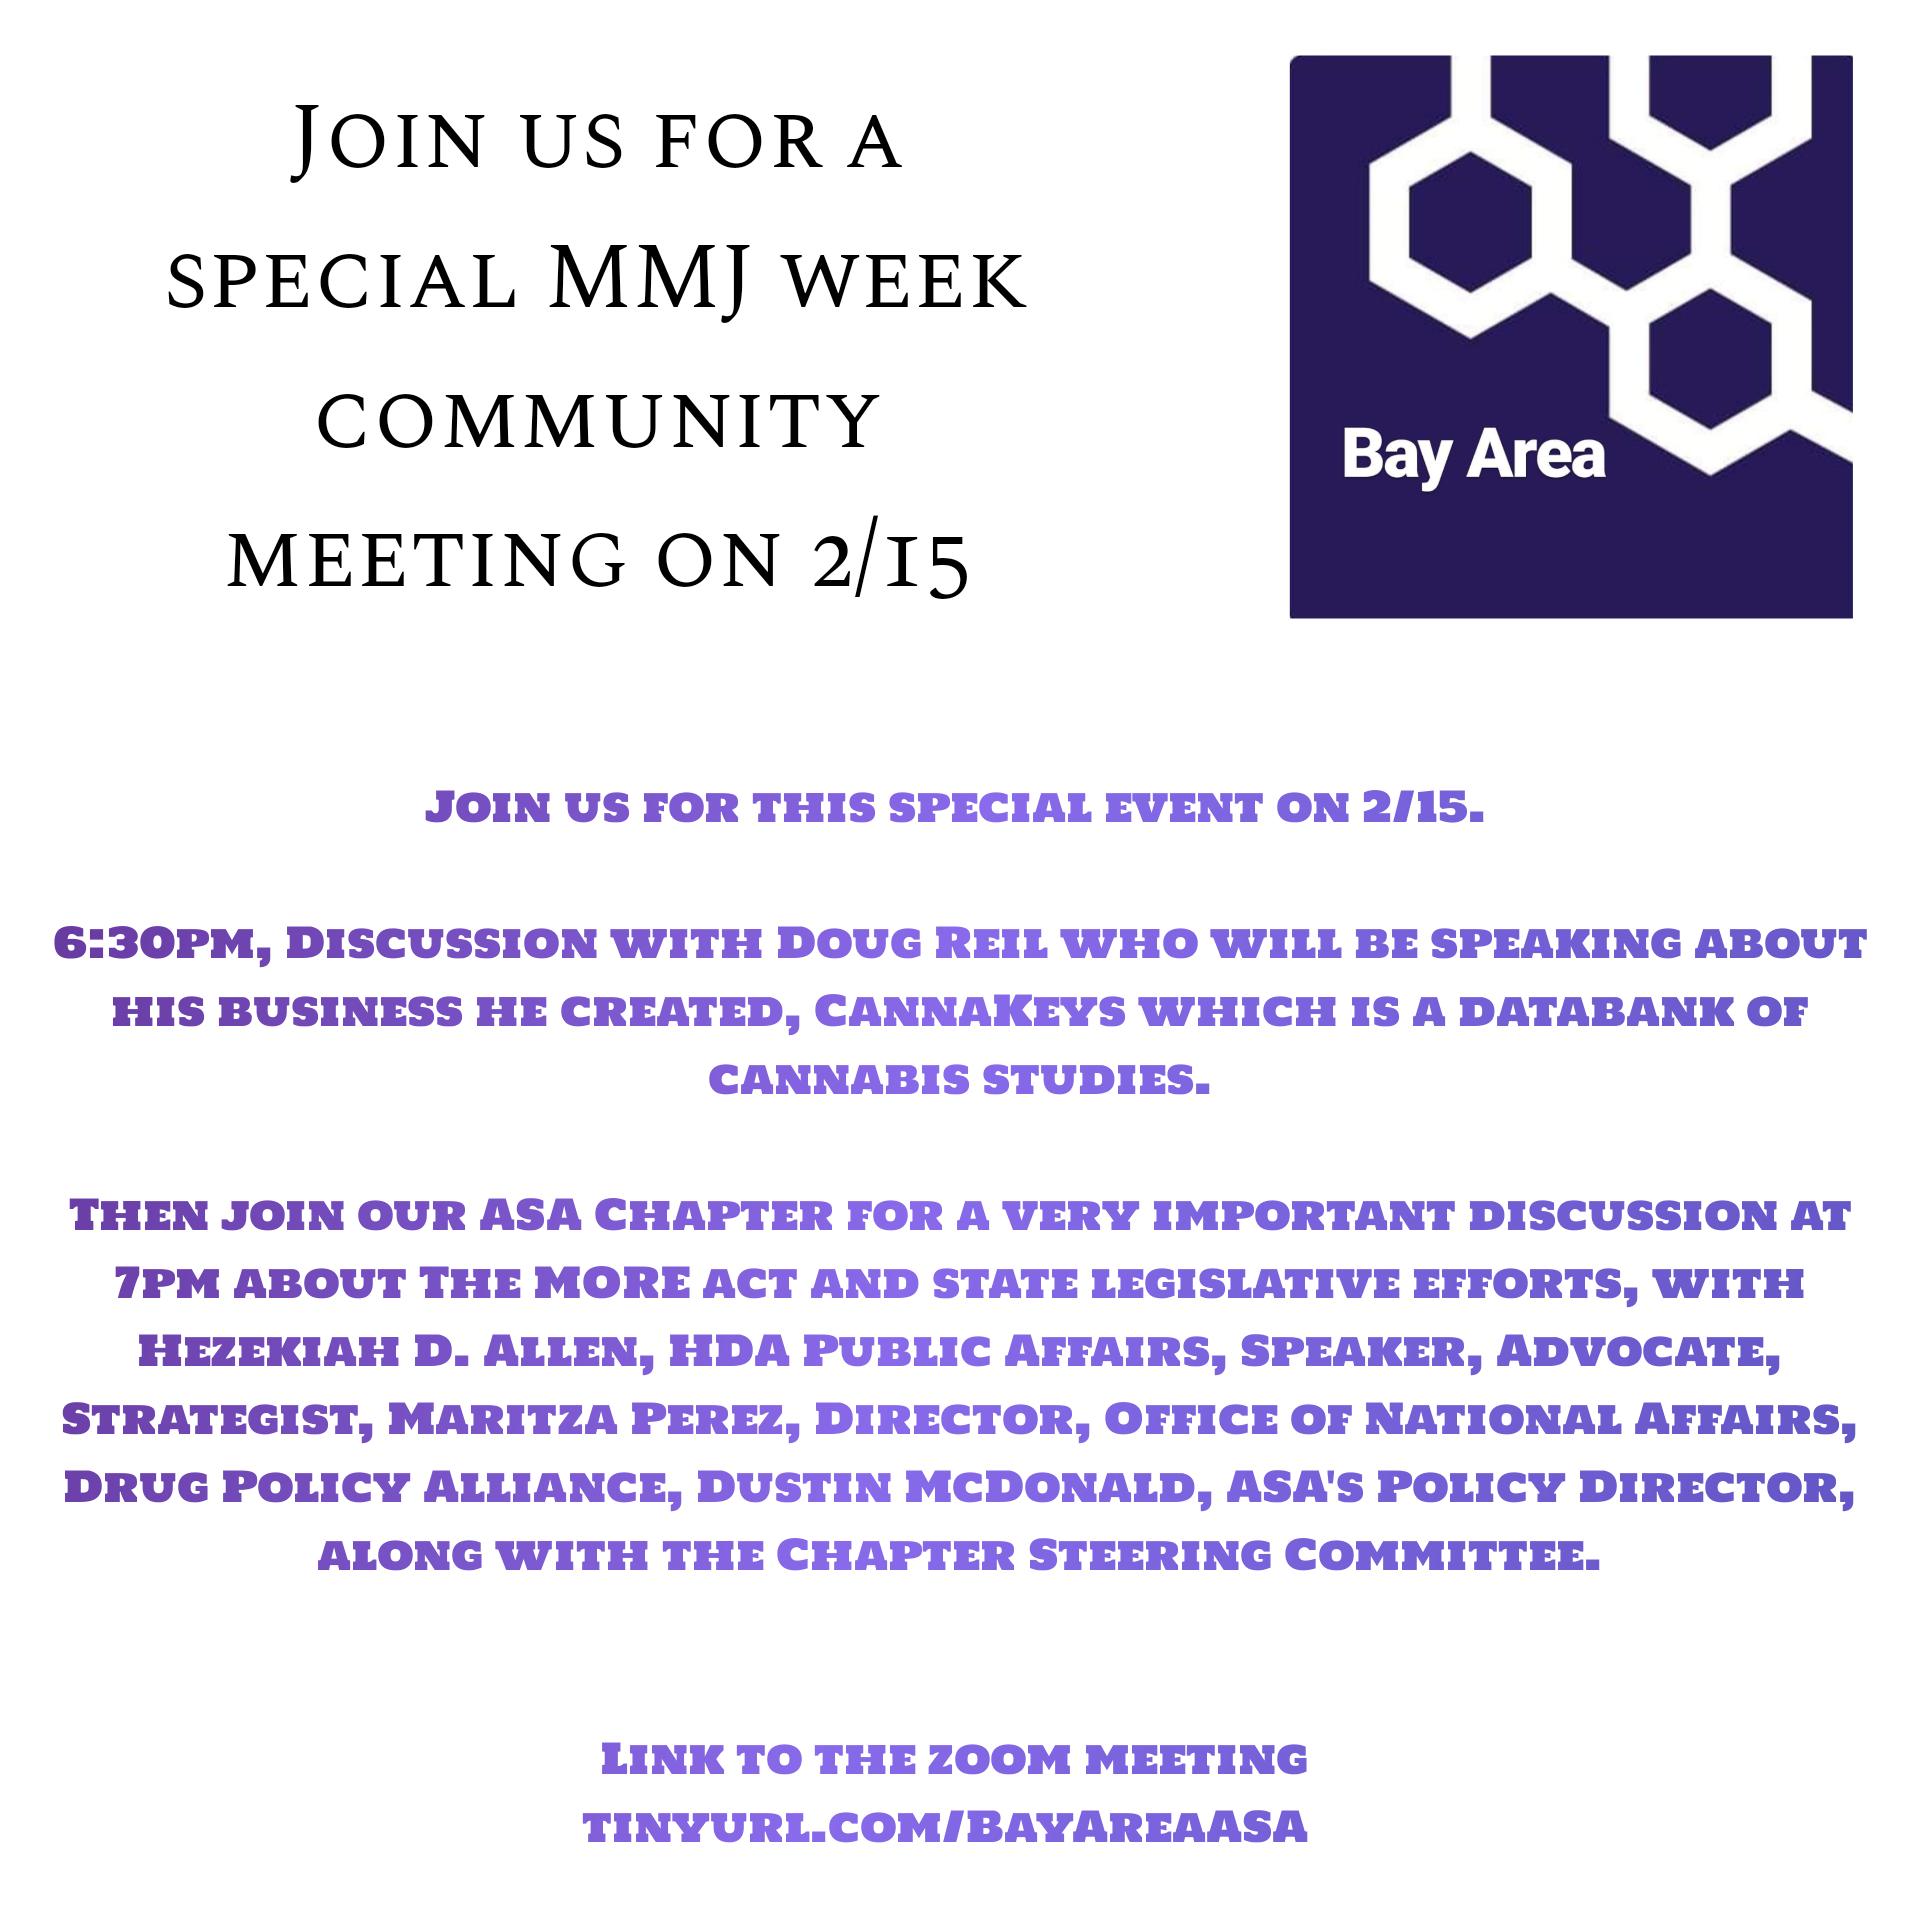 Special MMJ Week Community Meeting